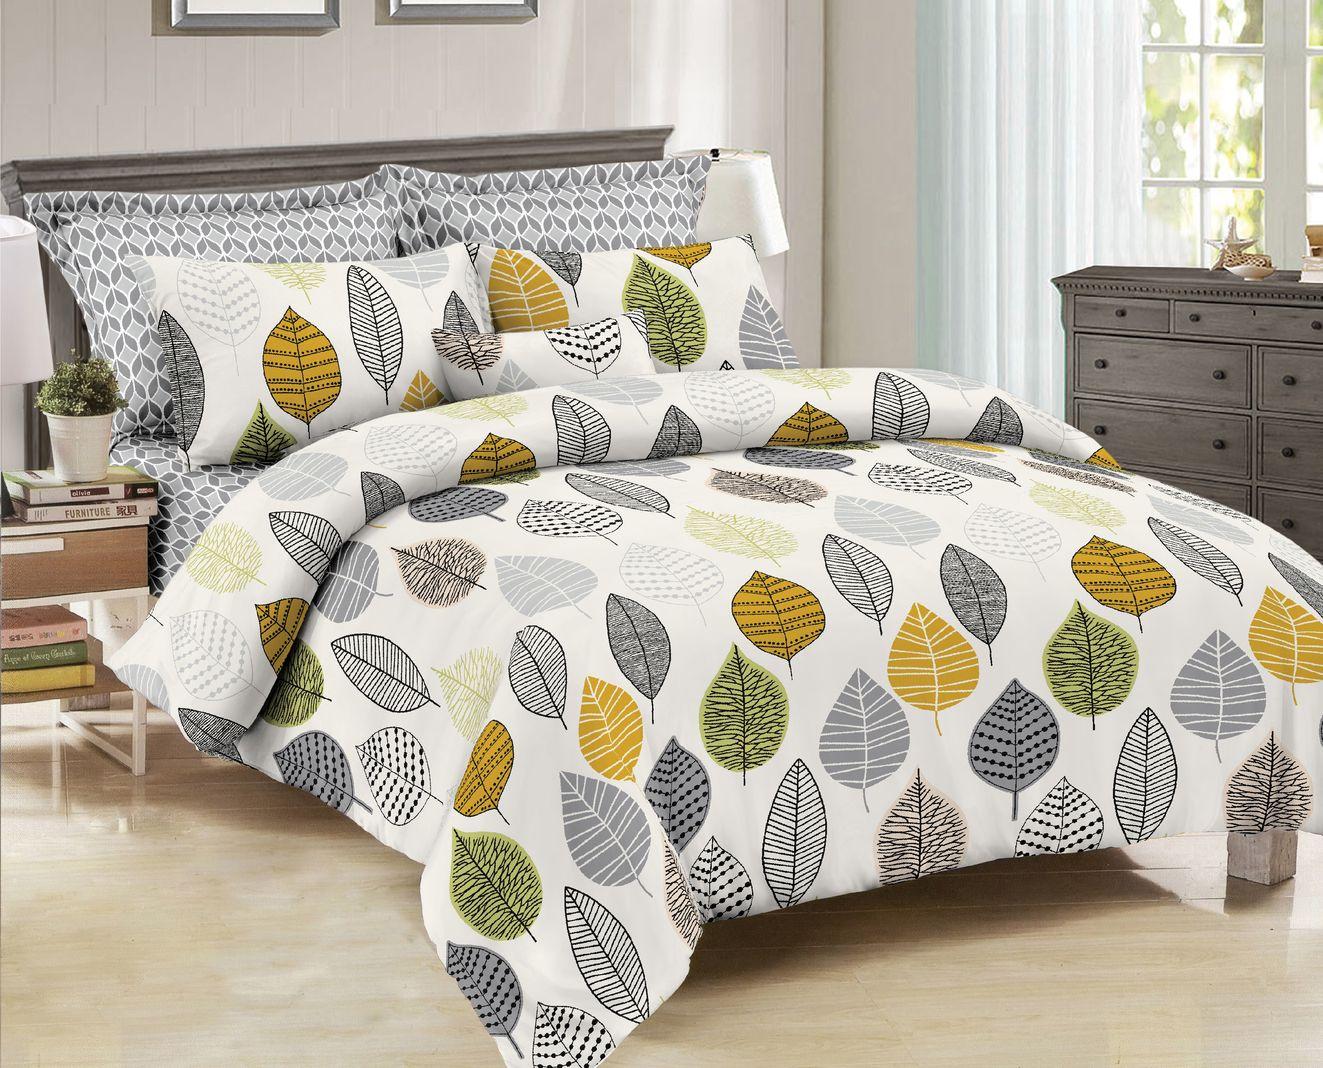 Комплект постельного белье Seta Azalea Annecy, 019032320, евро